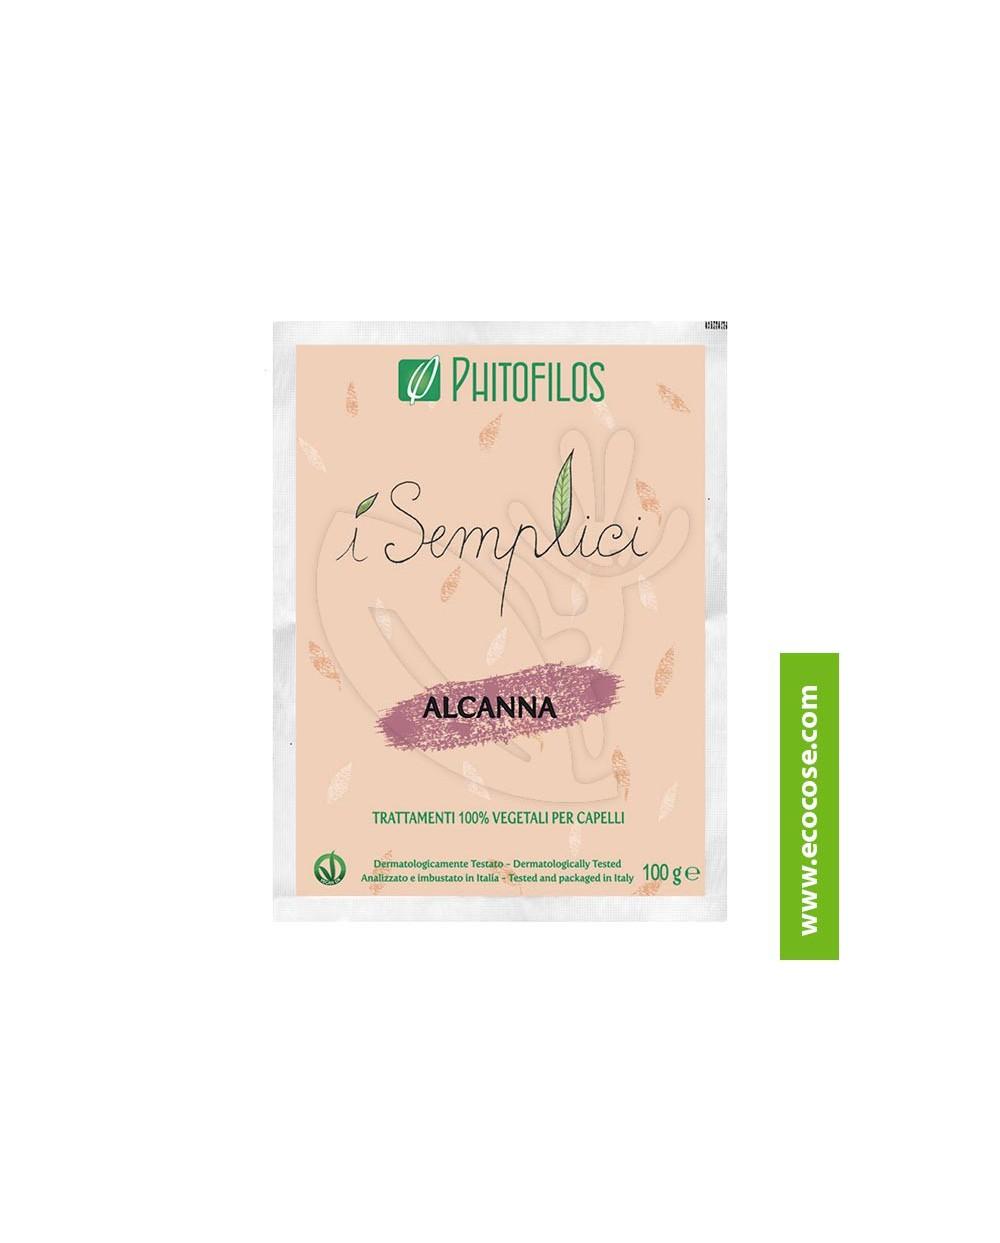 Phitofilos - I semplici - Alcanna